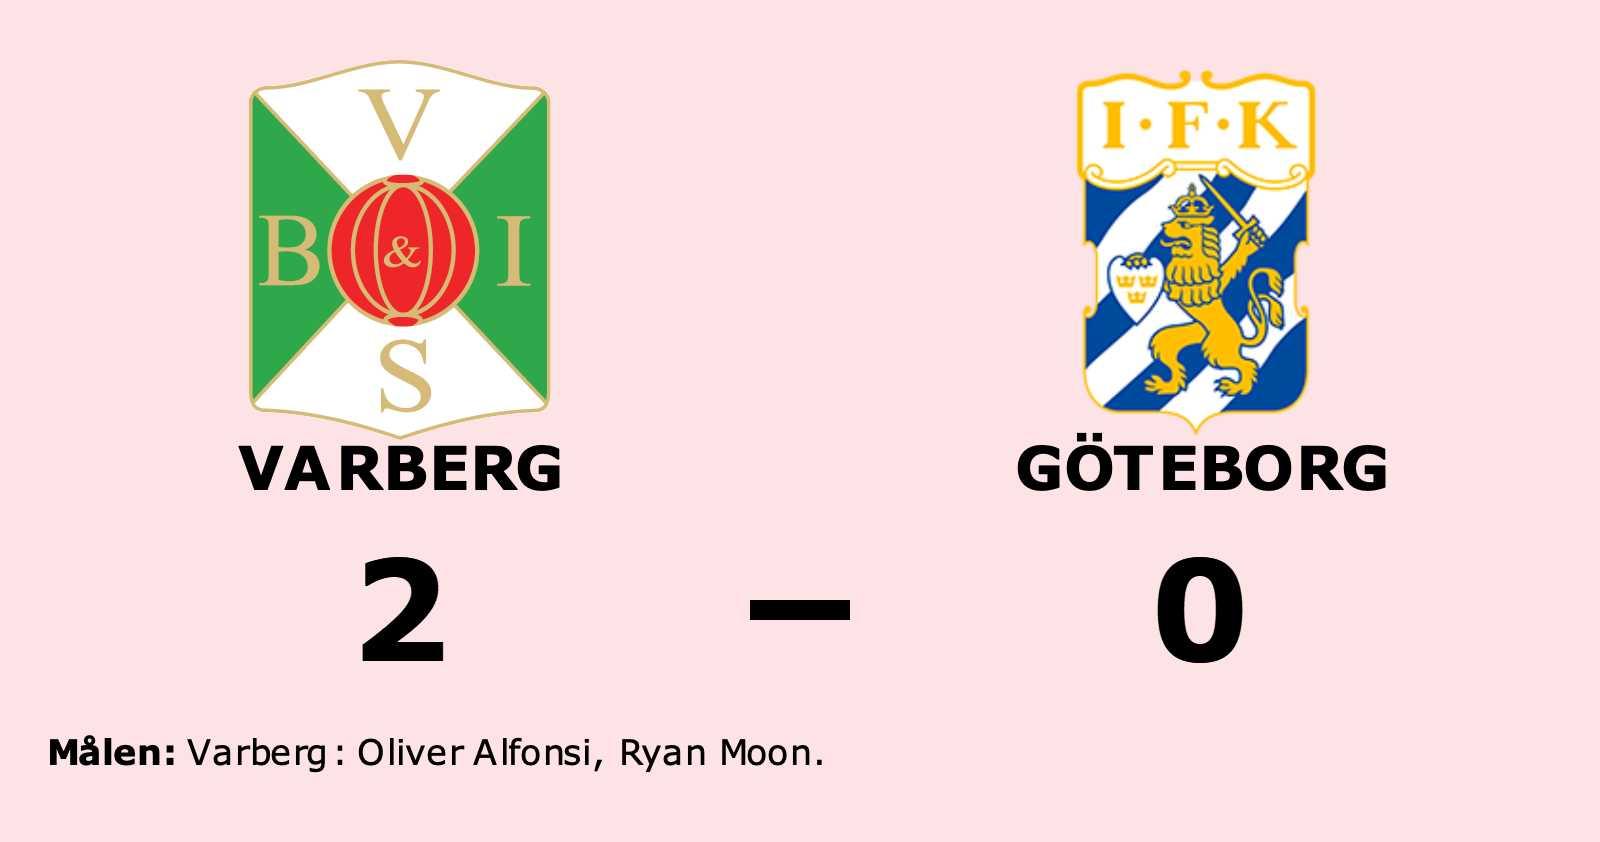 Göteborg förlorade borta mot Varberg